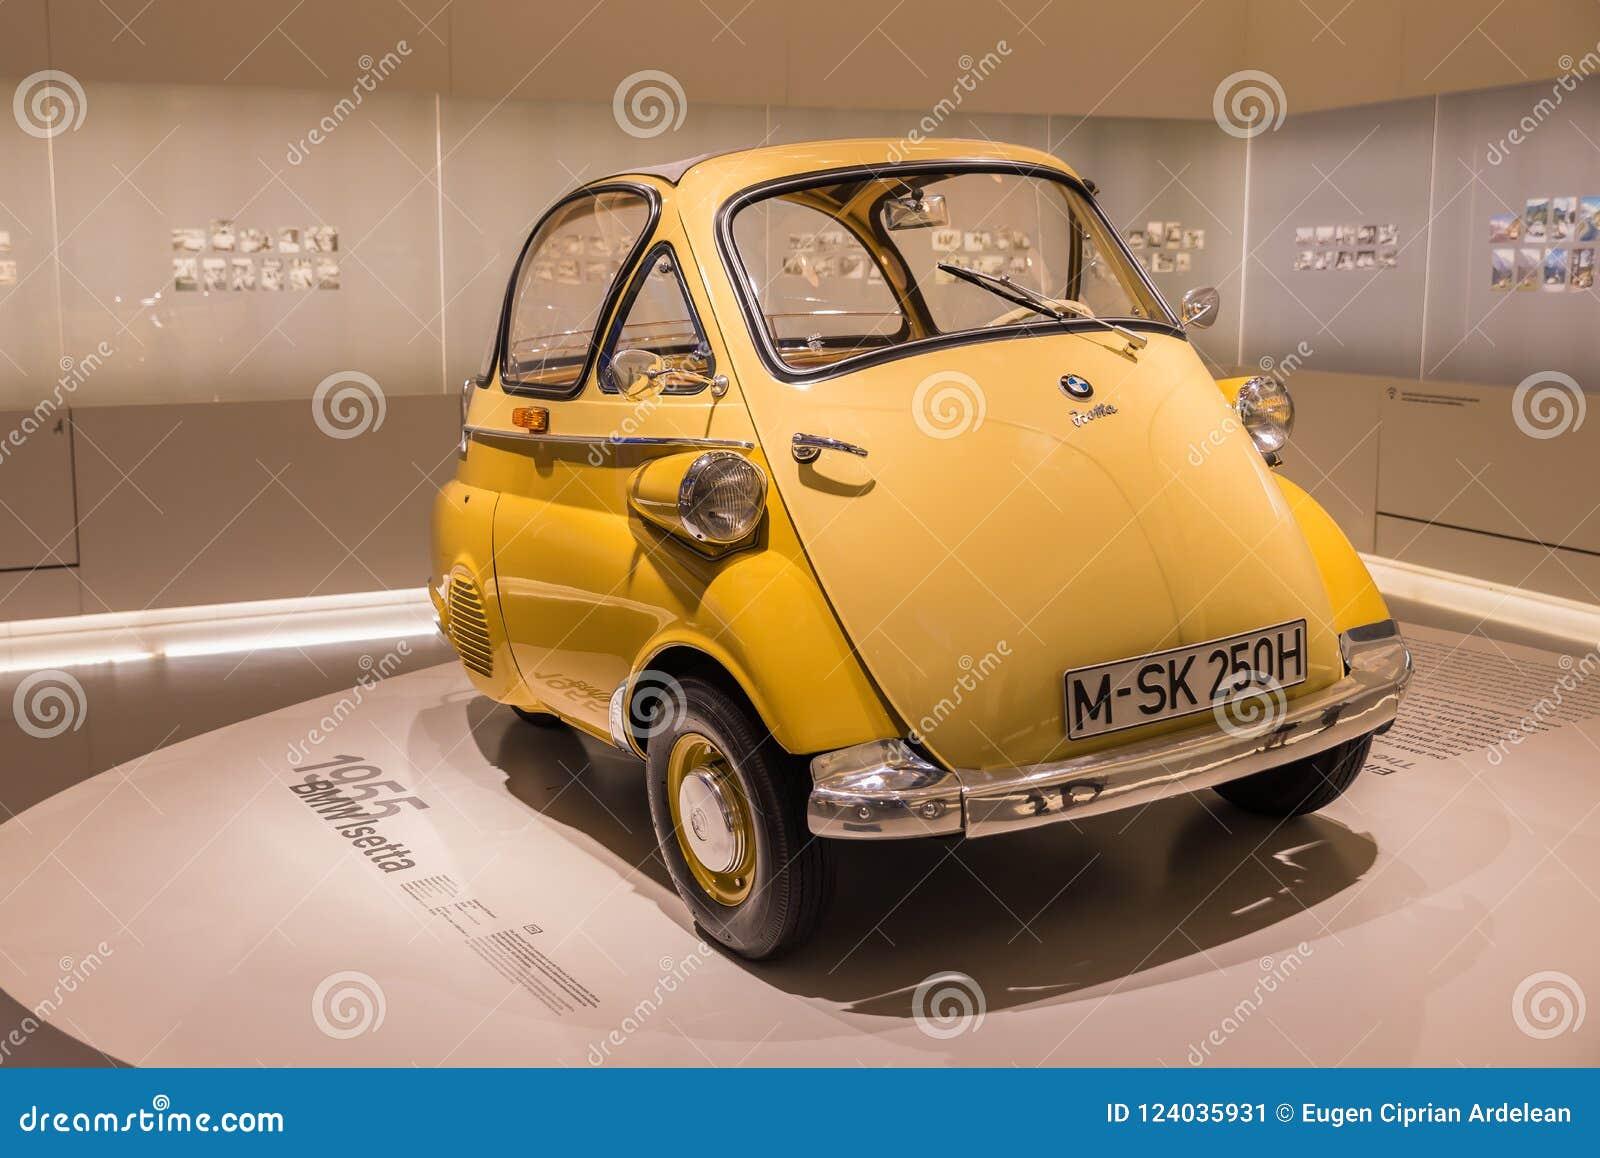 Bmw Amarelo Isetta Oldtimer Pequeno Bonito Foto Editorial Imagem De Automotriz Germany 124035931